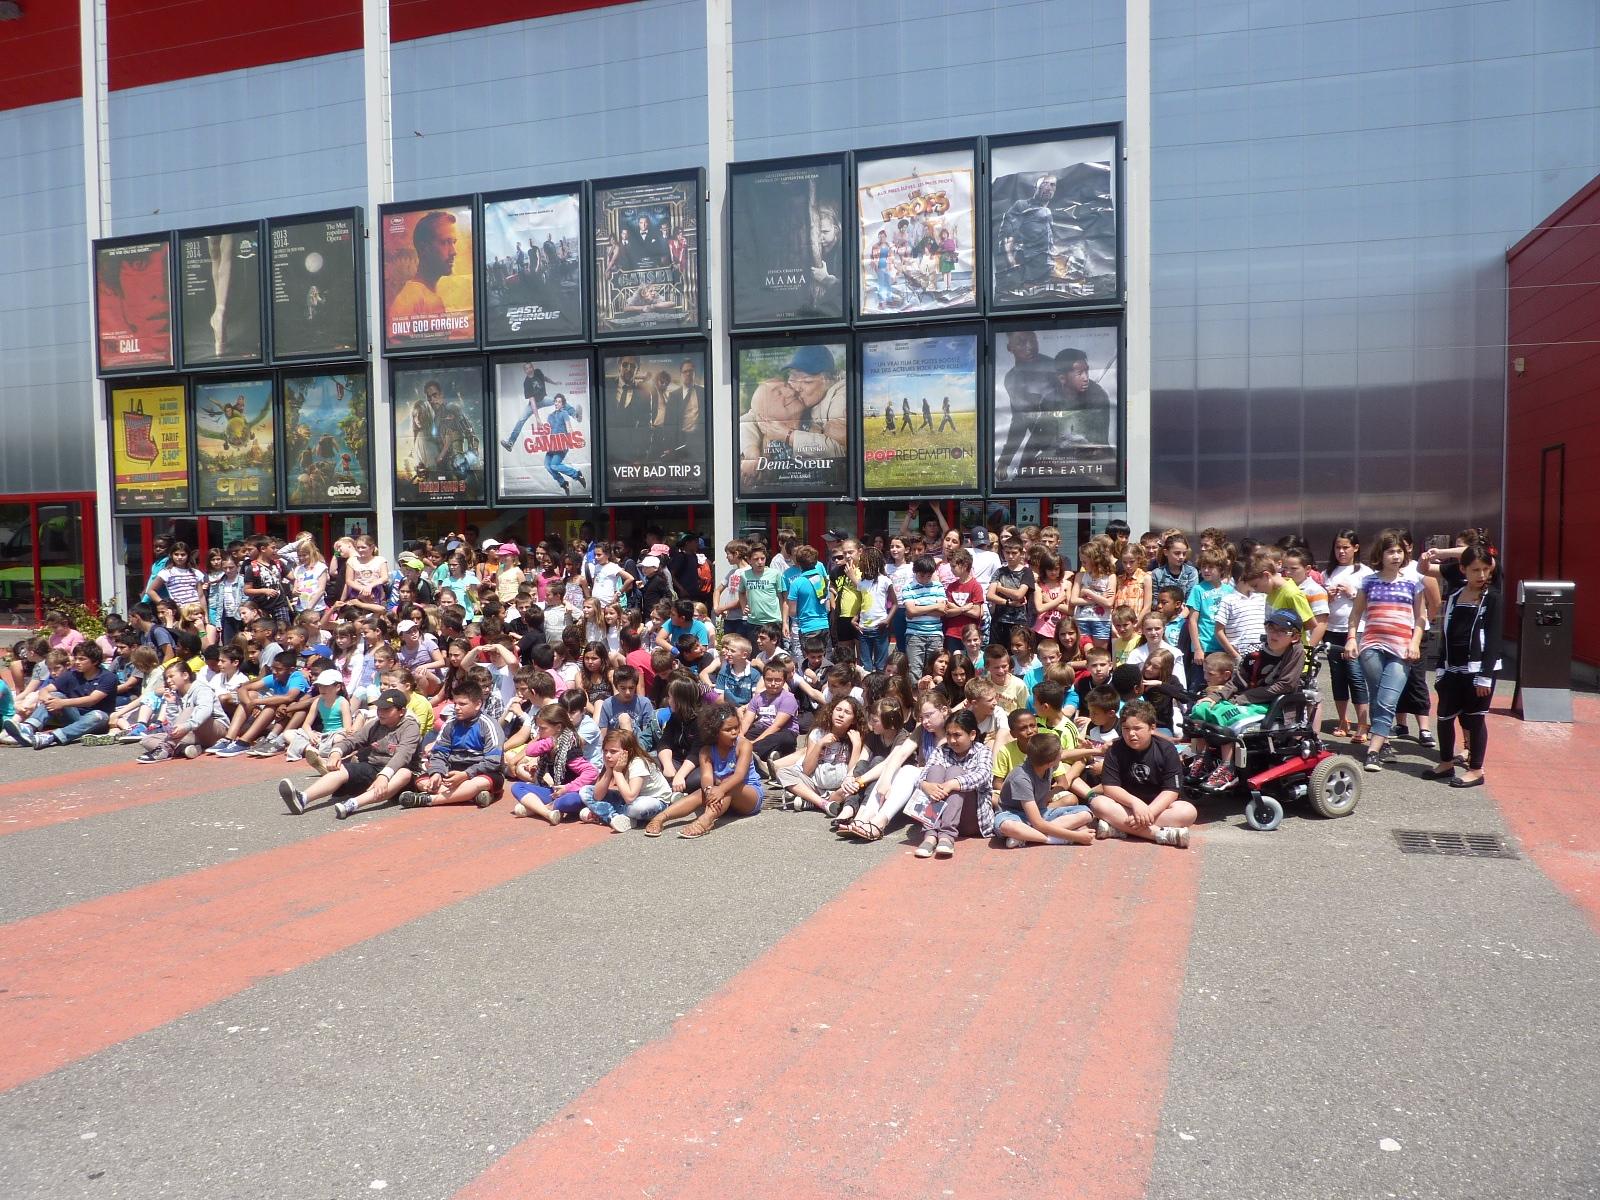 Bienvenue sur le blog de l'Ecole Privée NOTRE-DAME - Montauban (82).: ecolenotredame82.eklablog.fr/sorties-et-voyages-scolaires-c789274/3